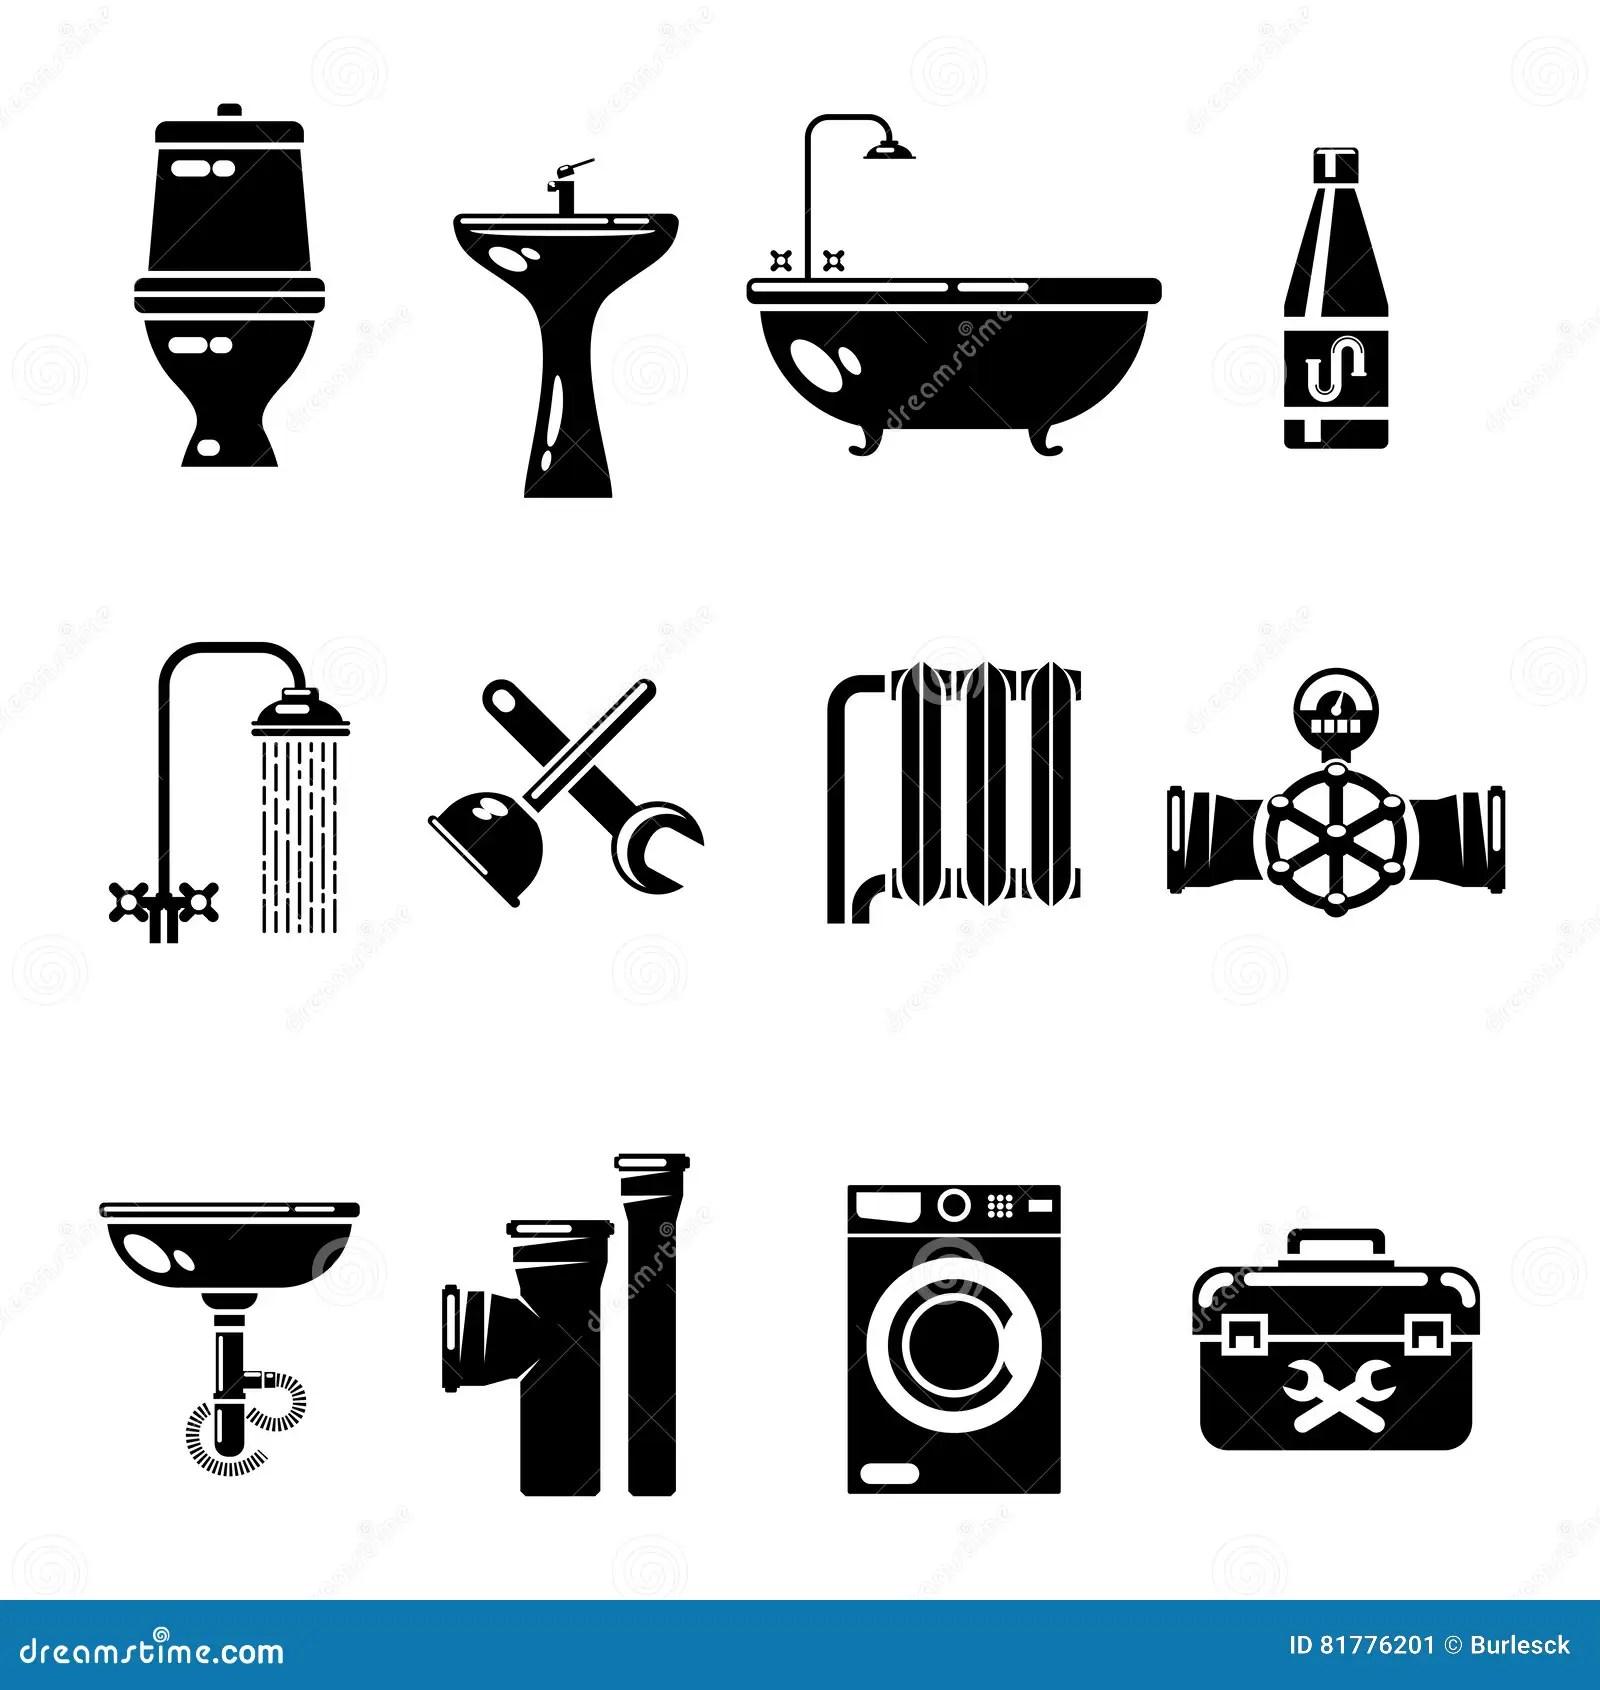 Toilet Pipe Stock Photo